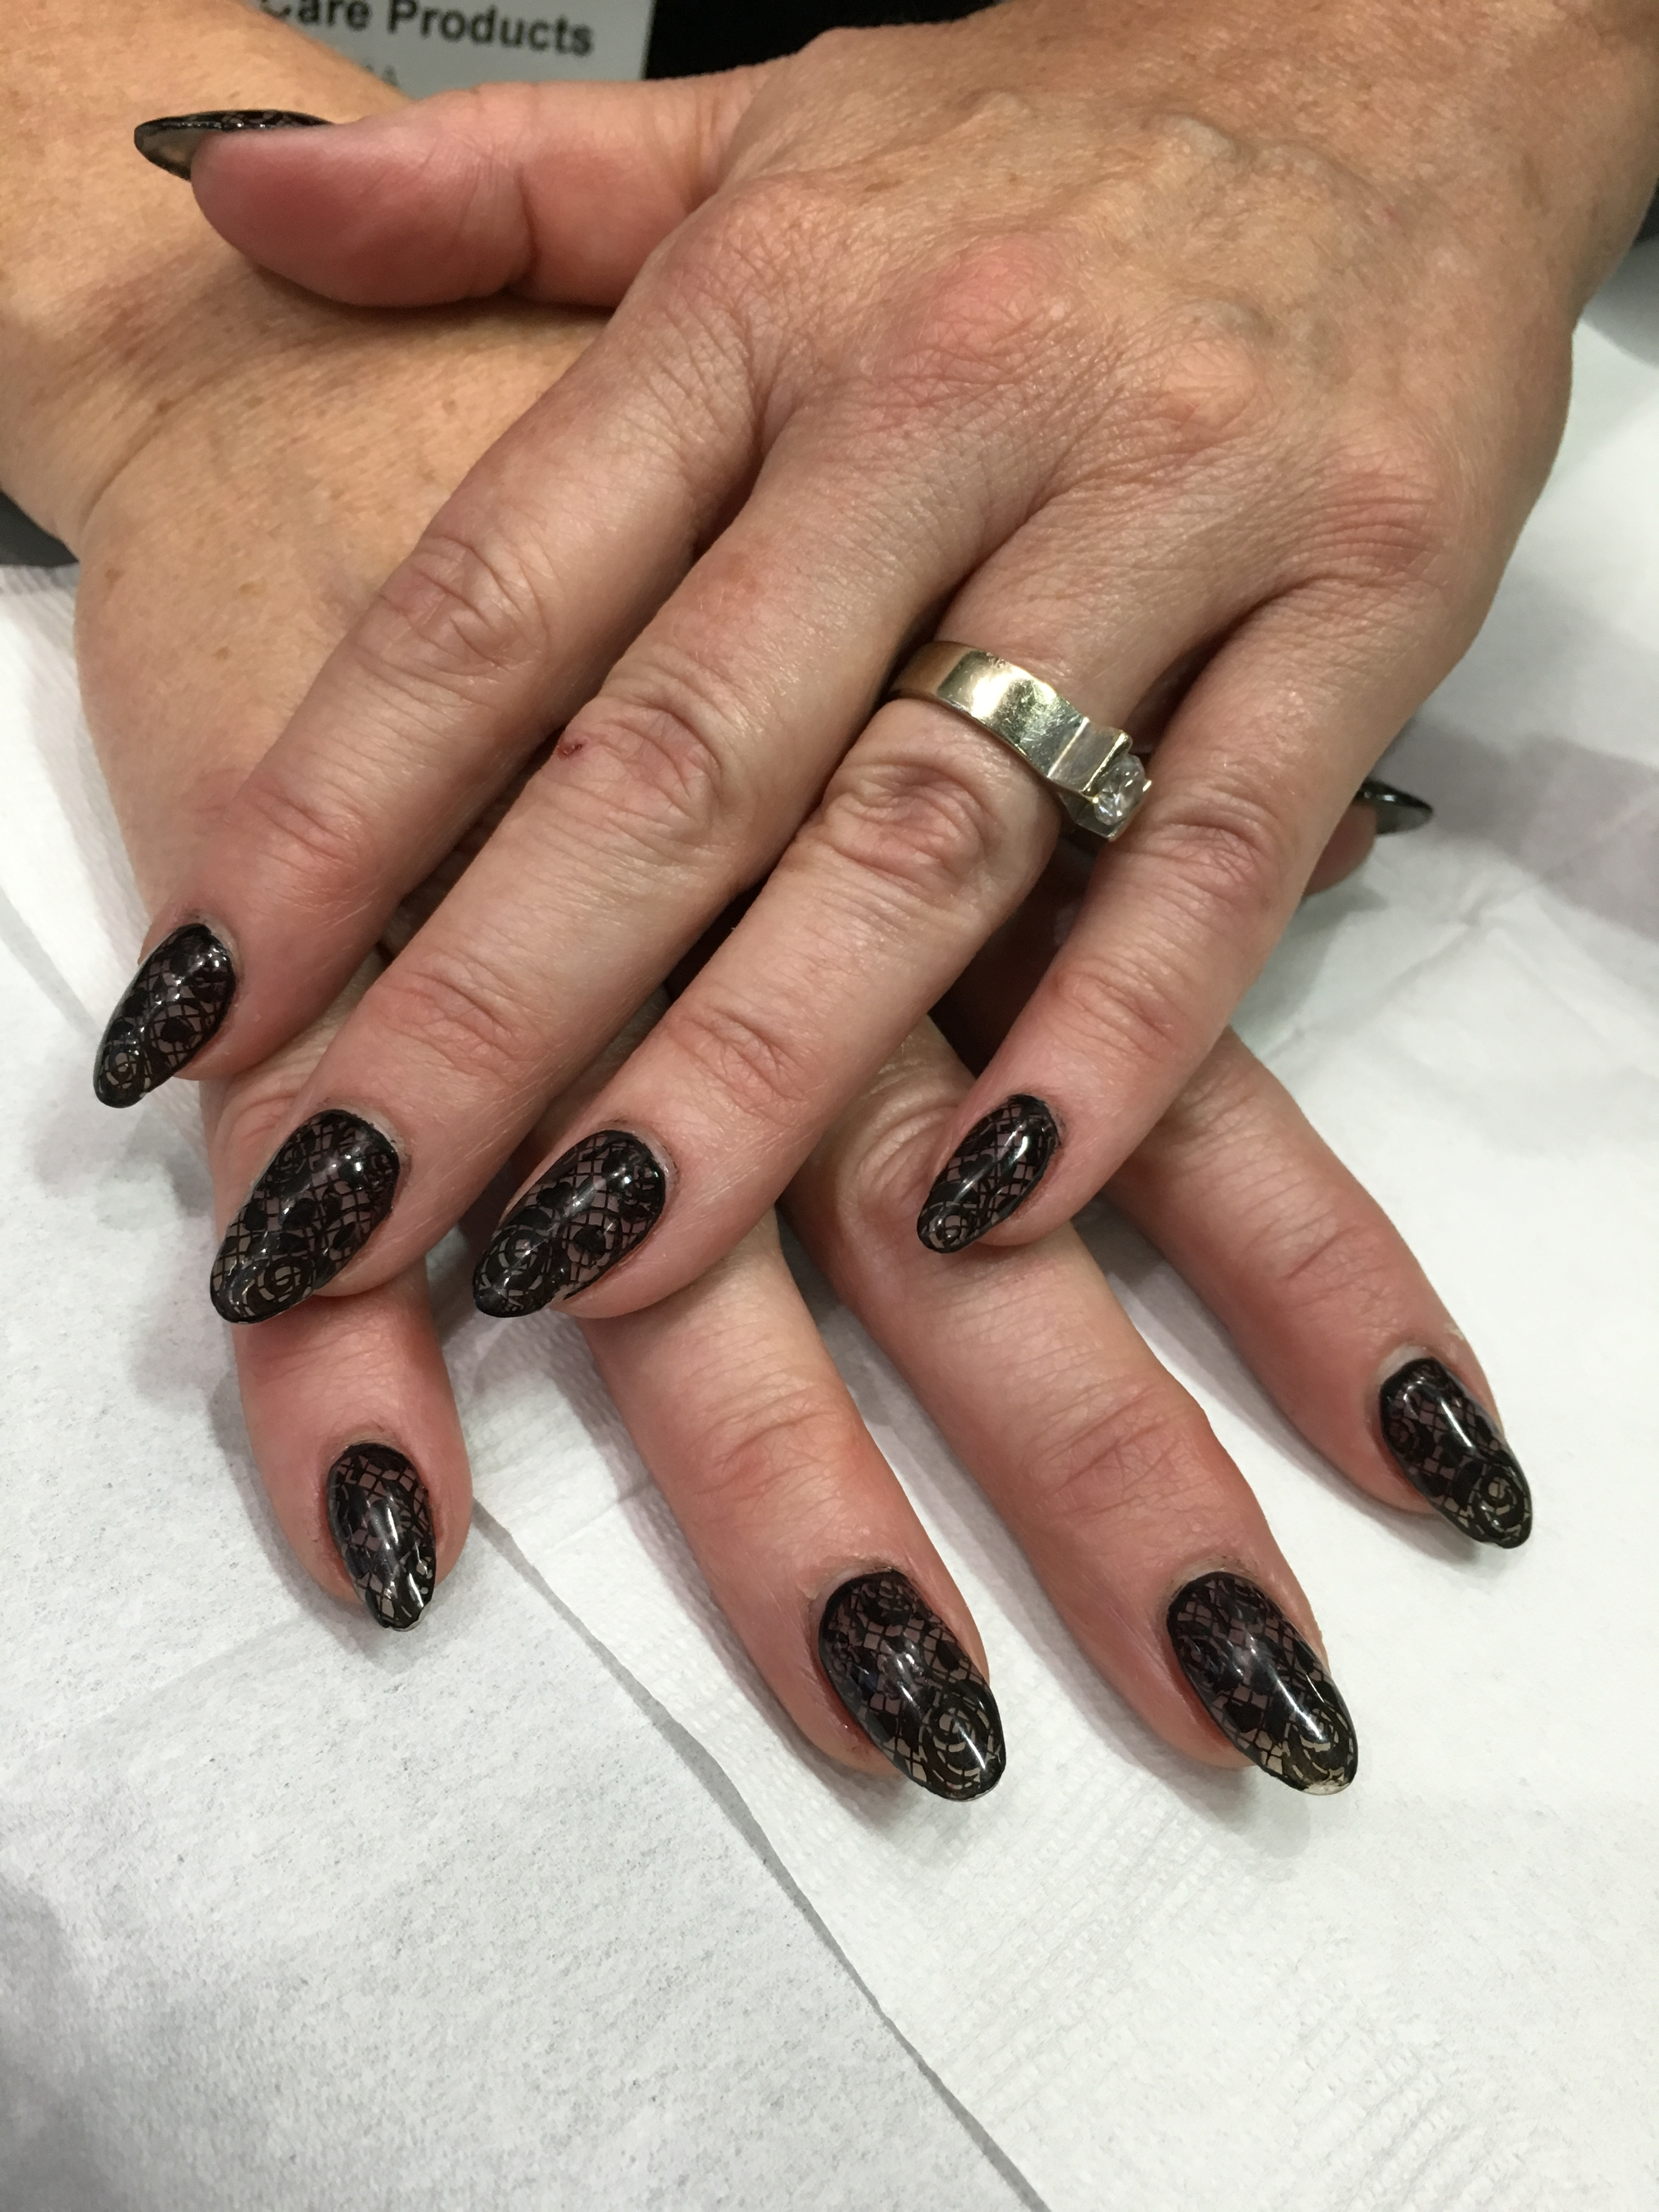 Nails at Cosmoprof North America 2016